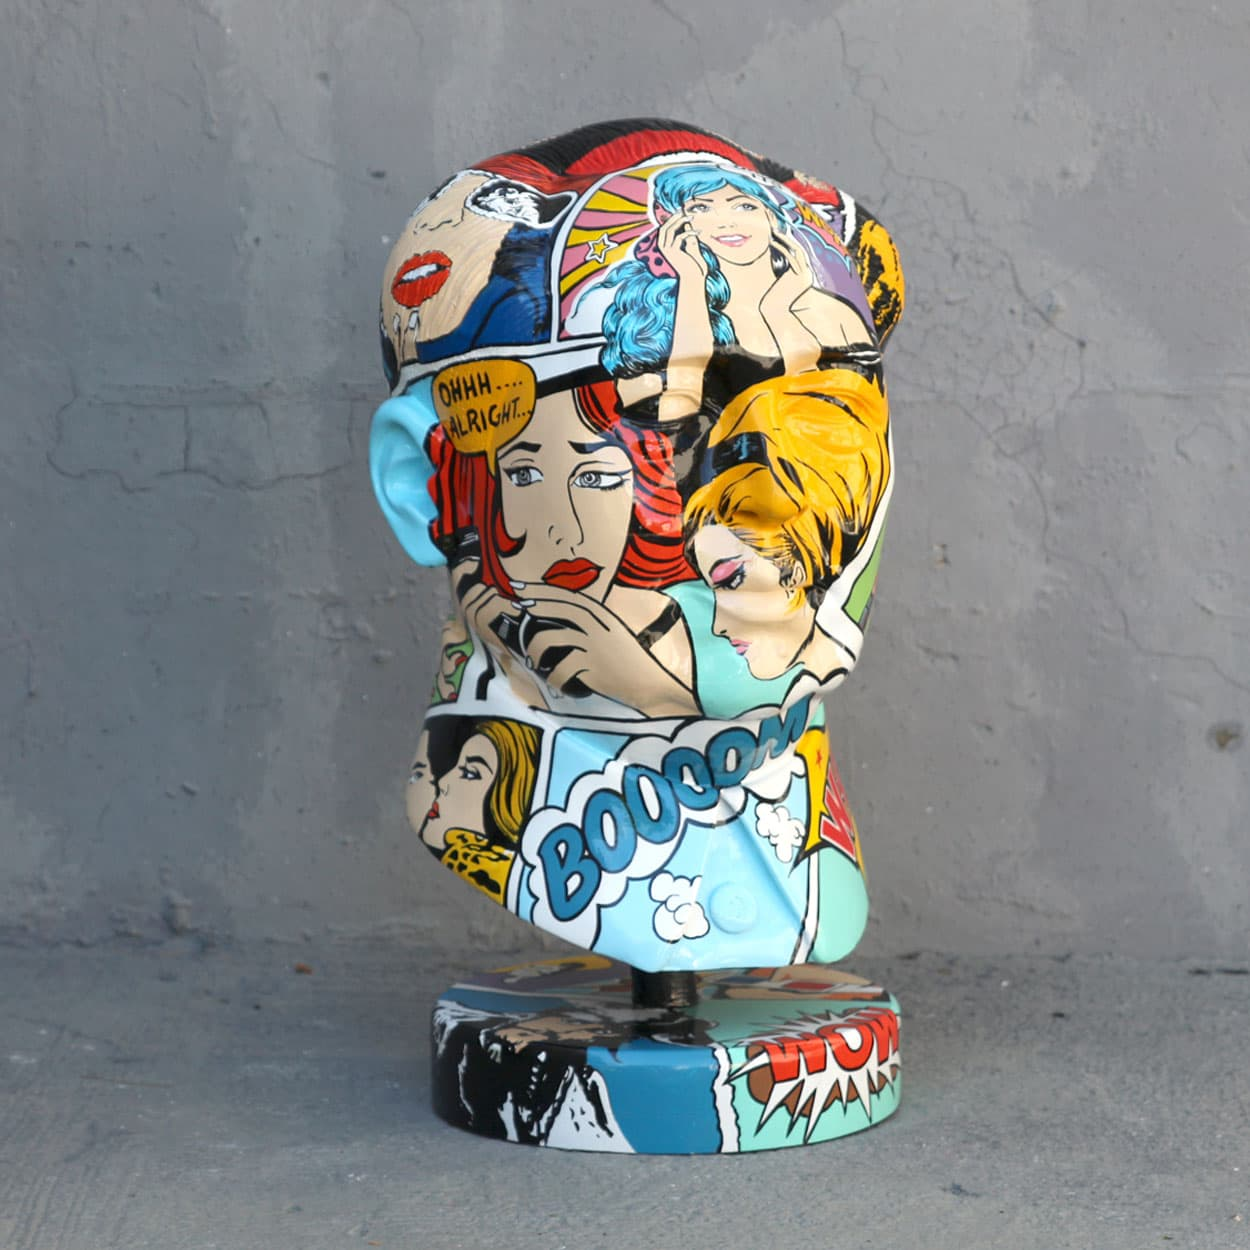 פסל מאו טסה טונג בפופ ארט